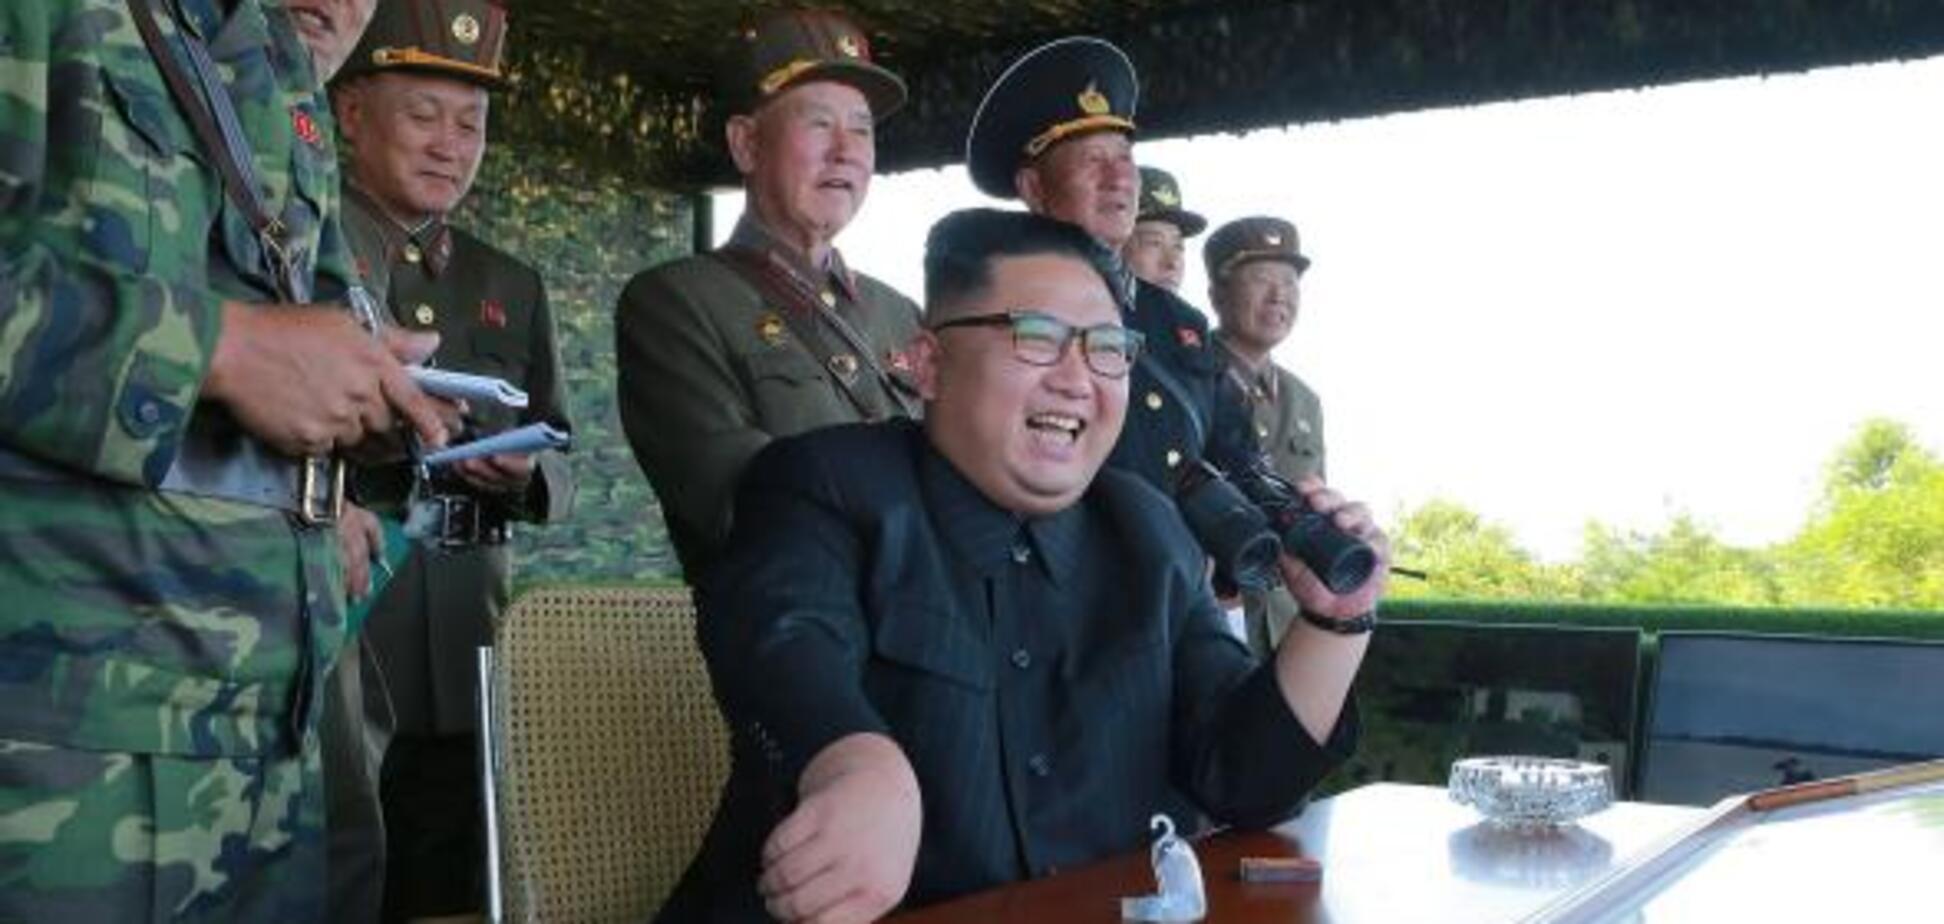 'Безпрецедентна загроза': ООН і Японія відреагували на ракетну провокацію КНДР